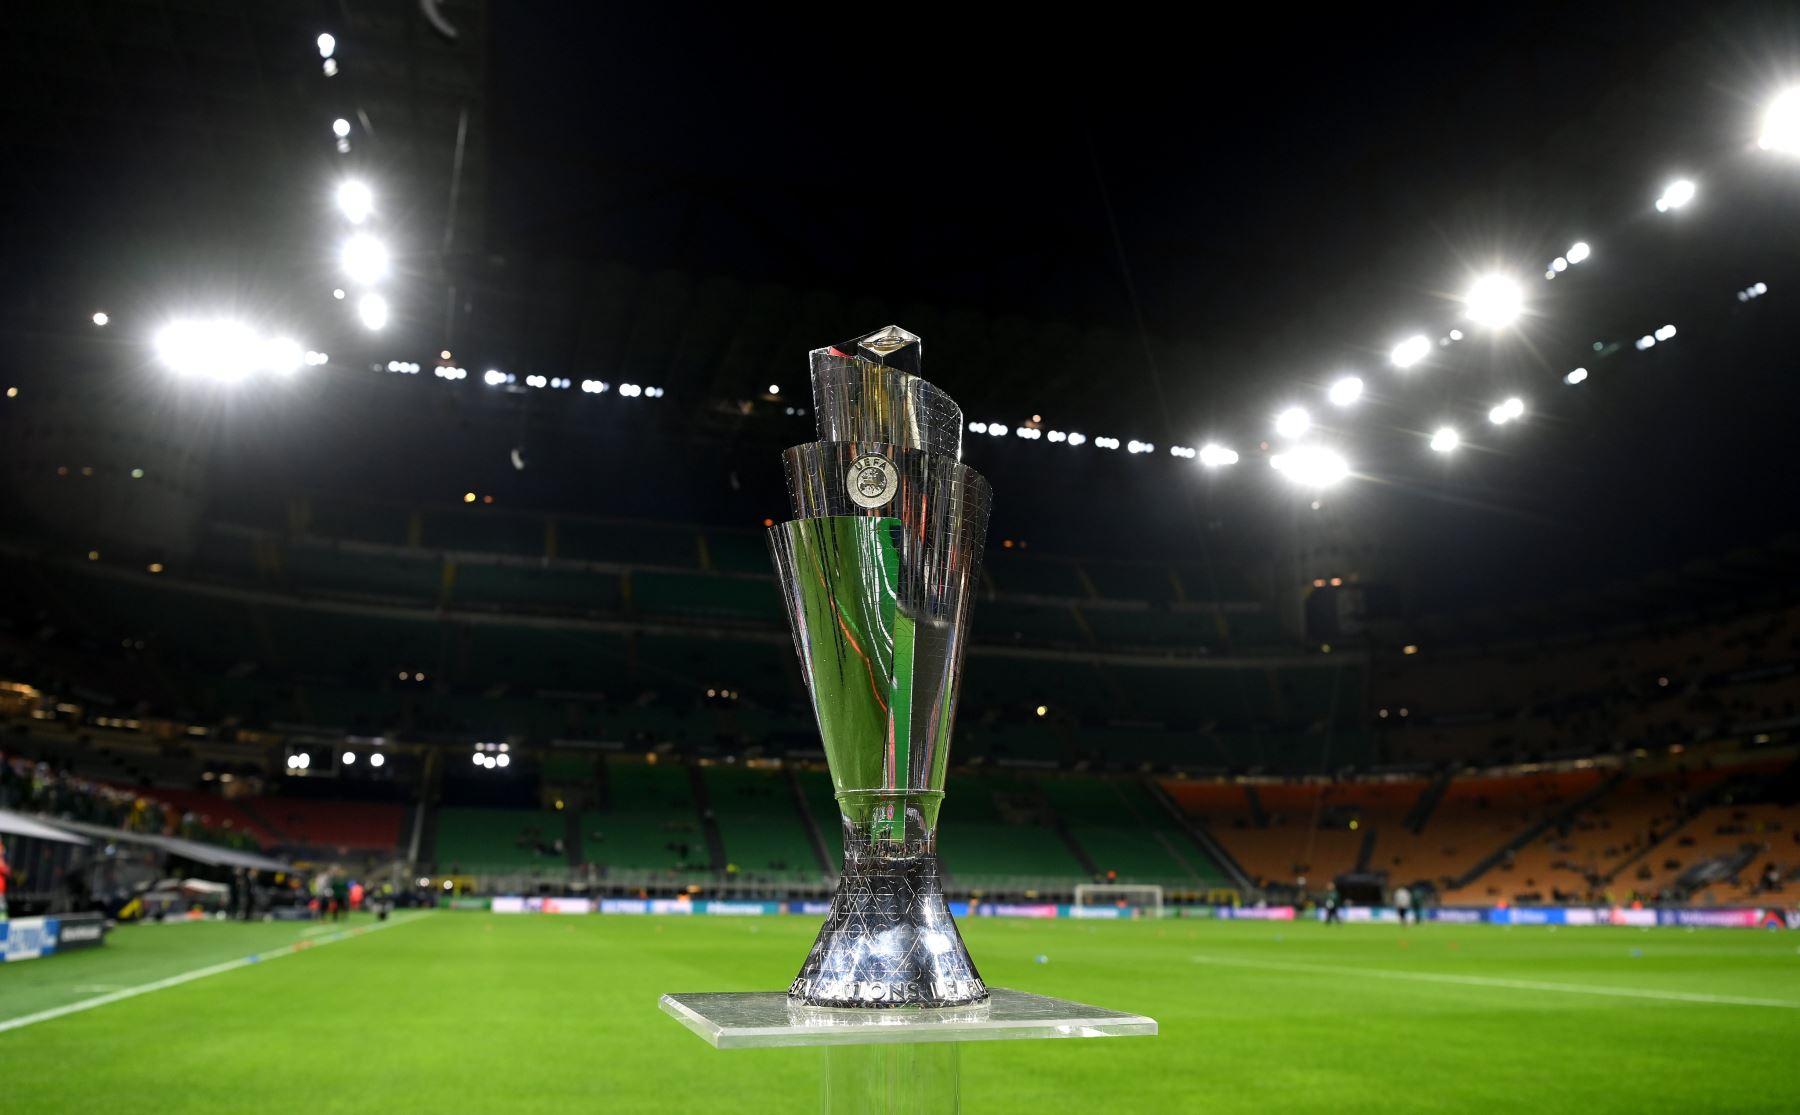 Liga de Naciones: La tercera edición 2022-23 se sorteará el 16 de diciembre